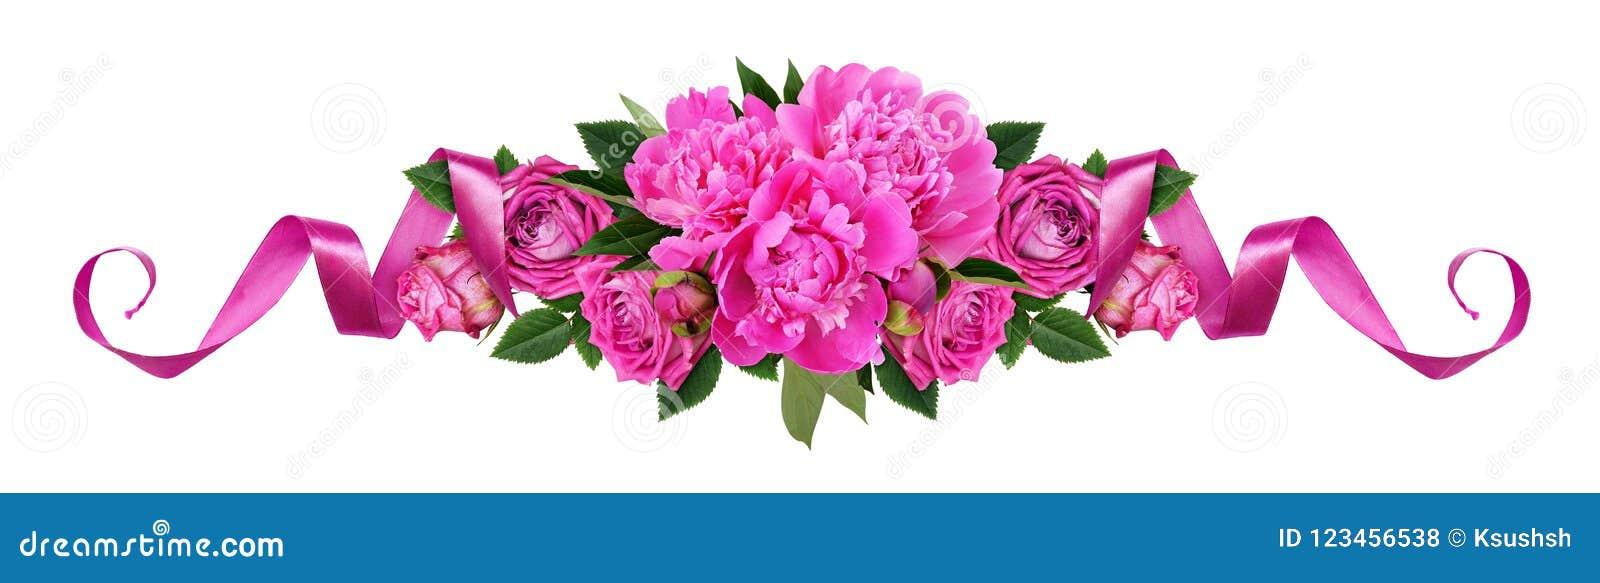 Pivoines roses, fleurs roses et rubans de satin dans une ligne AR florale